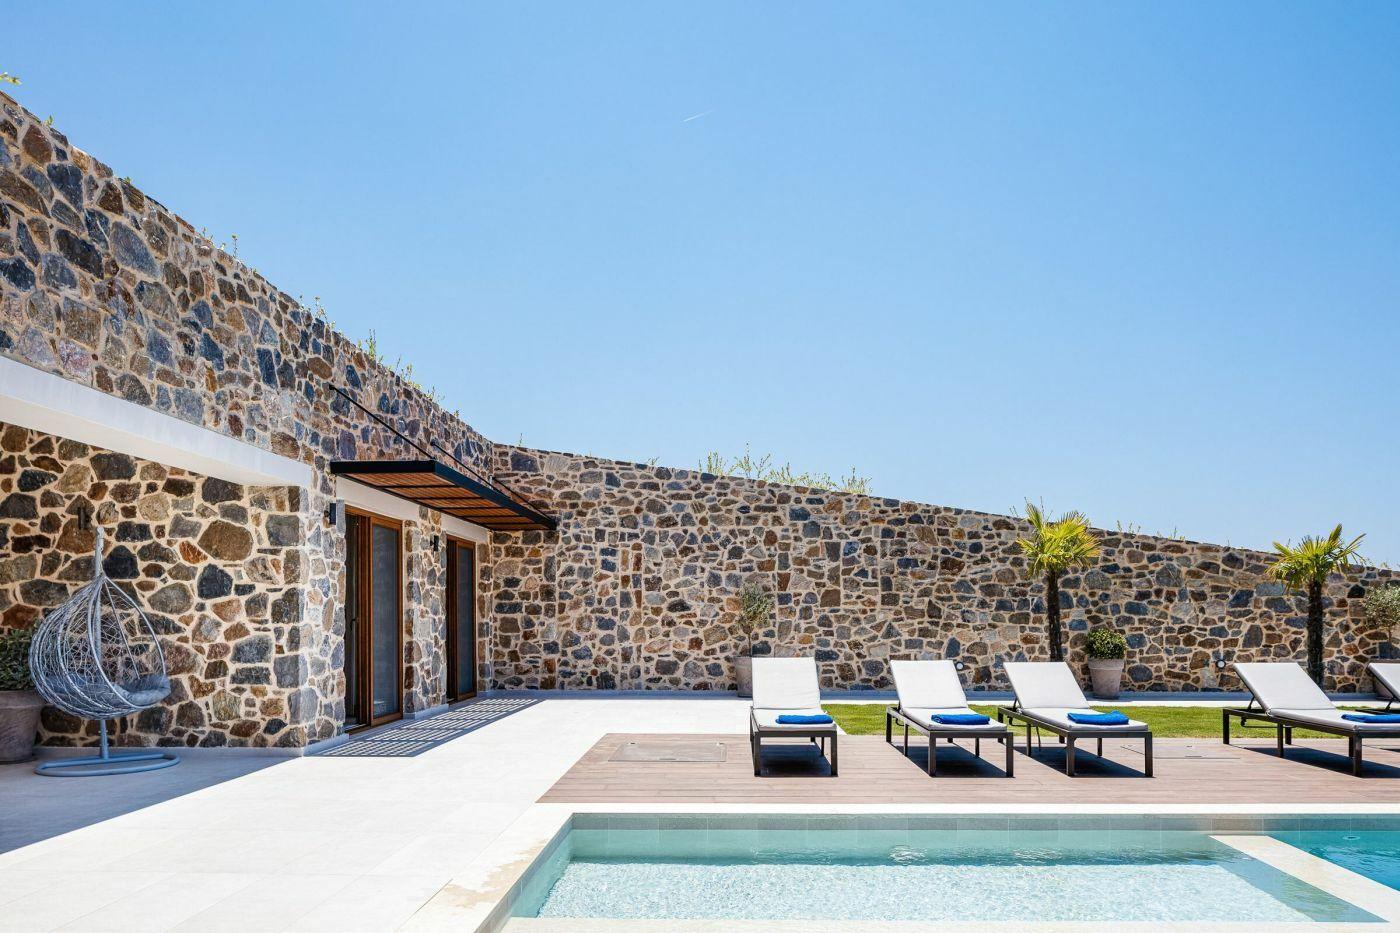 Dekoratív kőfalak adják a domboldalba épített ház homlokzatát